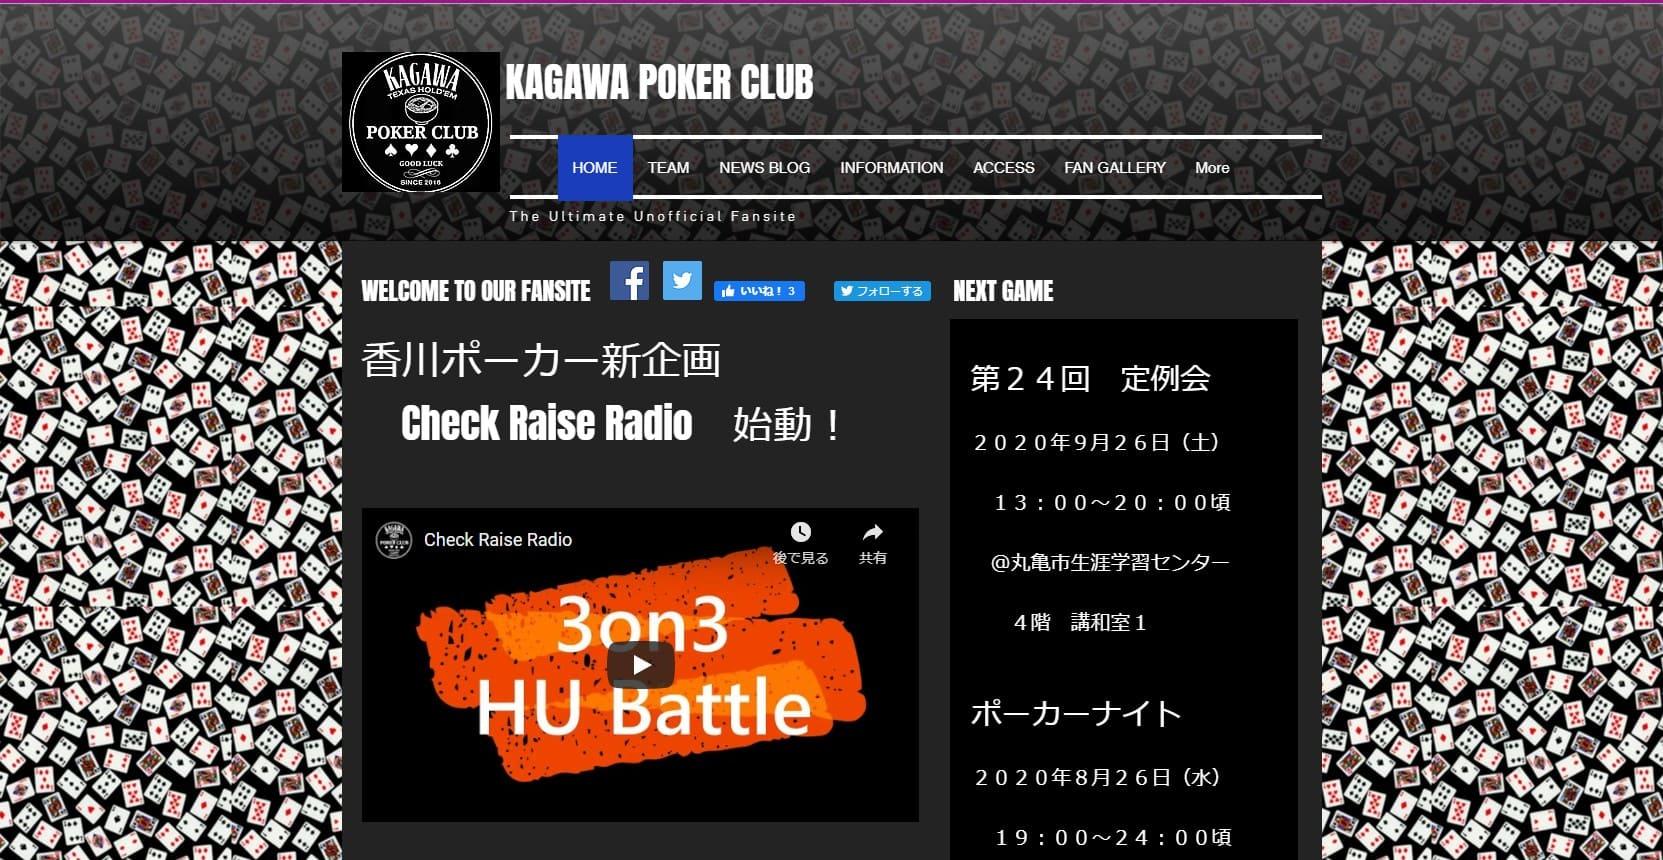 香川ポーカー倶楽部のウェブサイト画像。